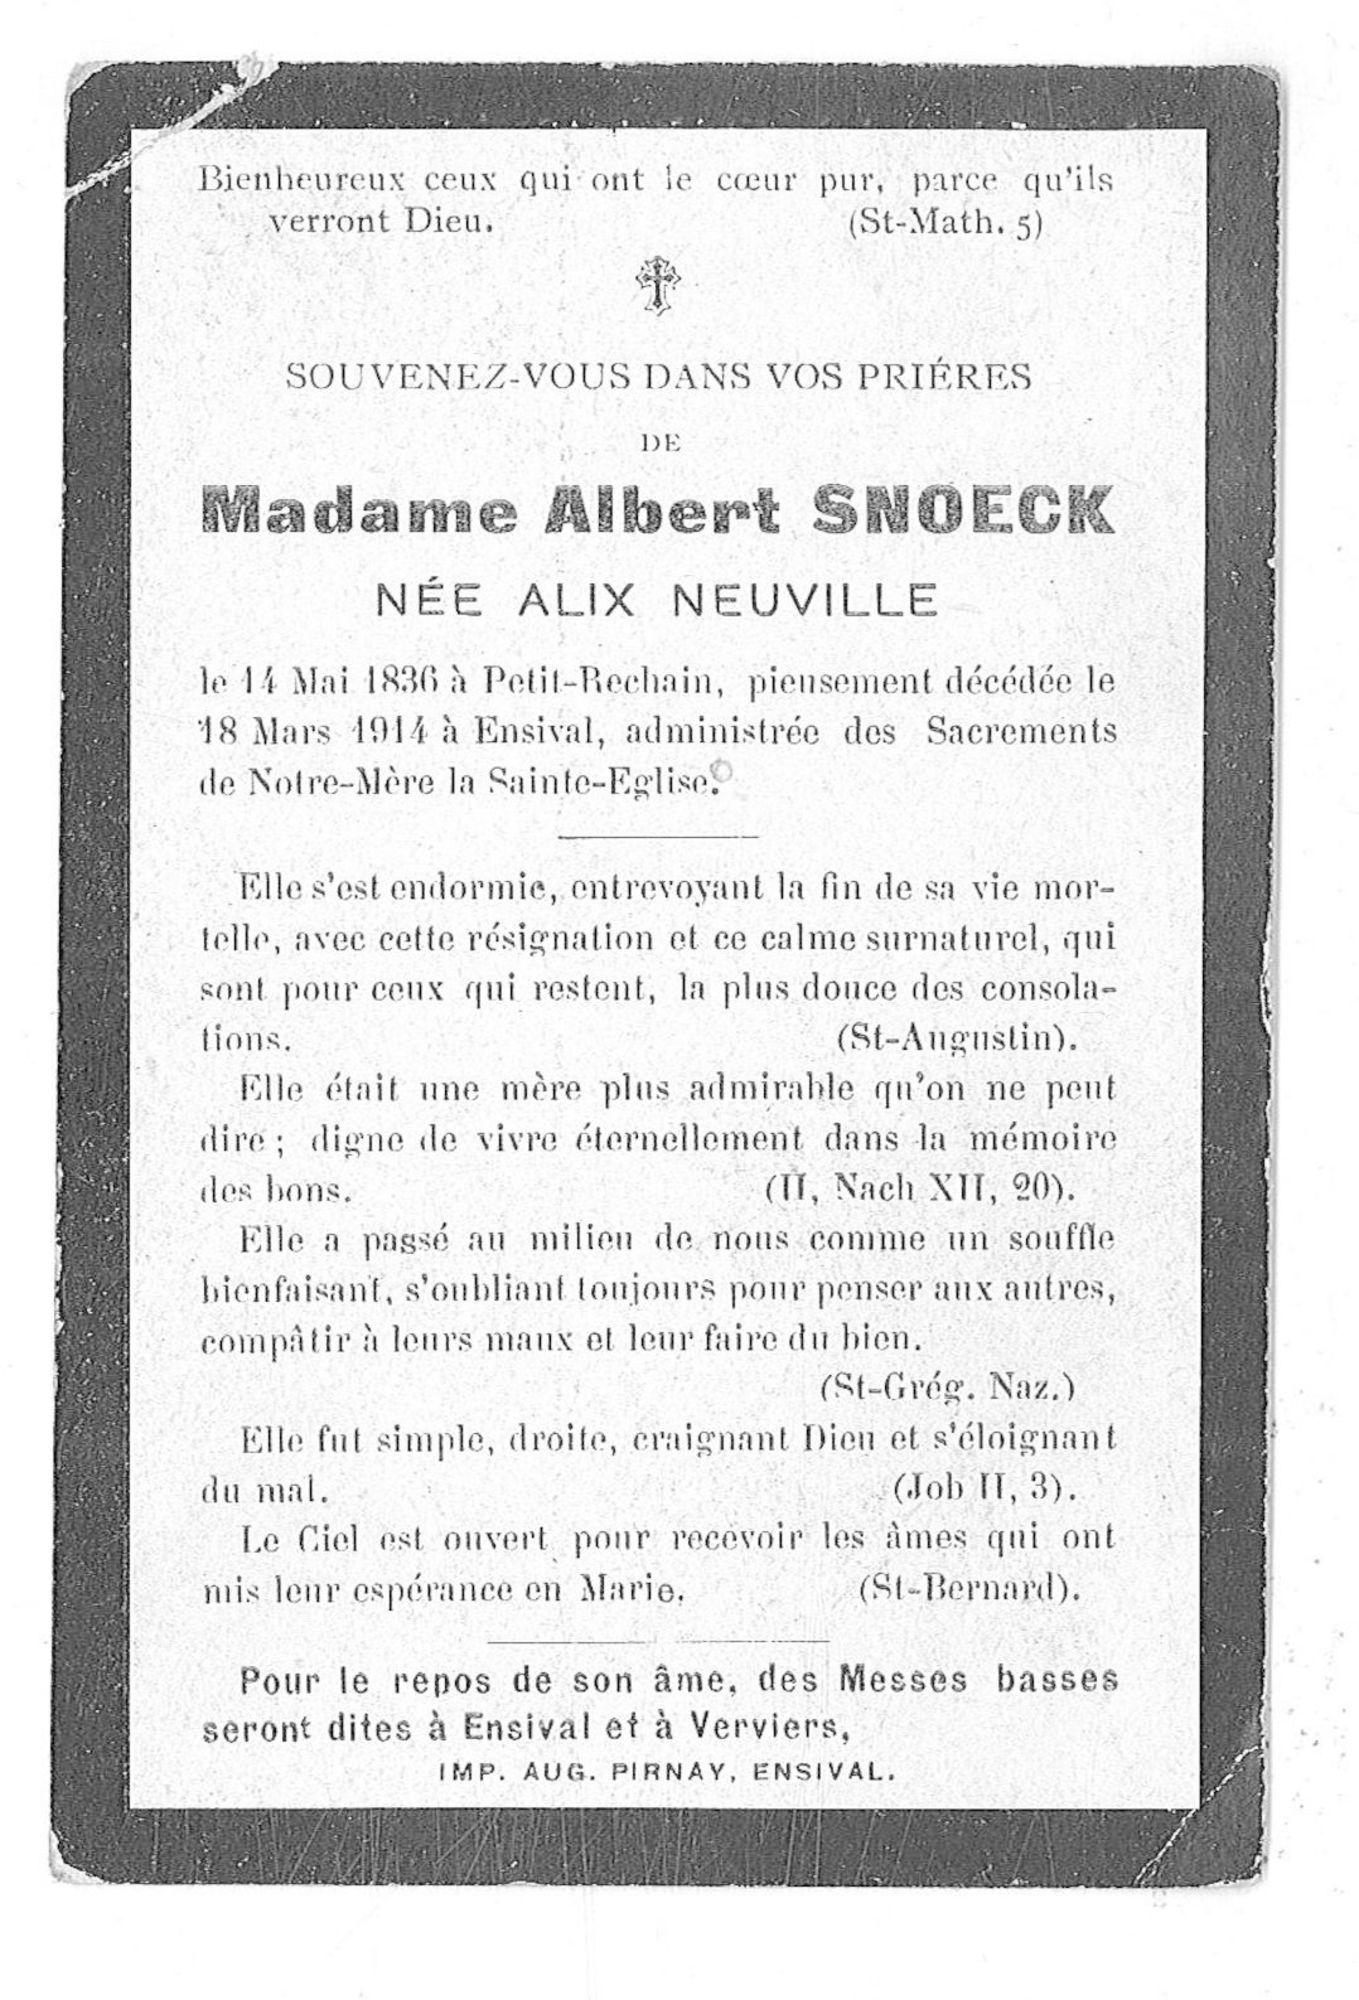 Alix Neuville